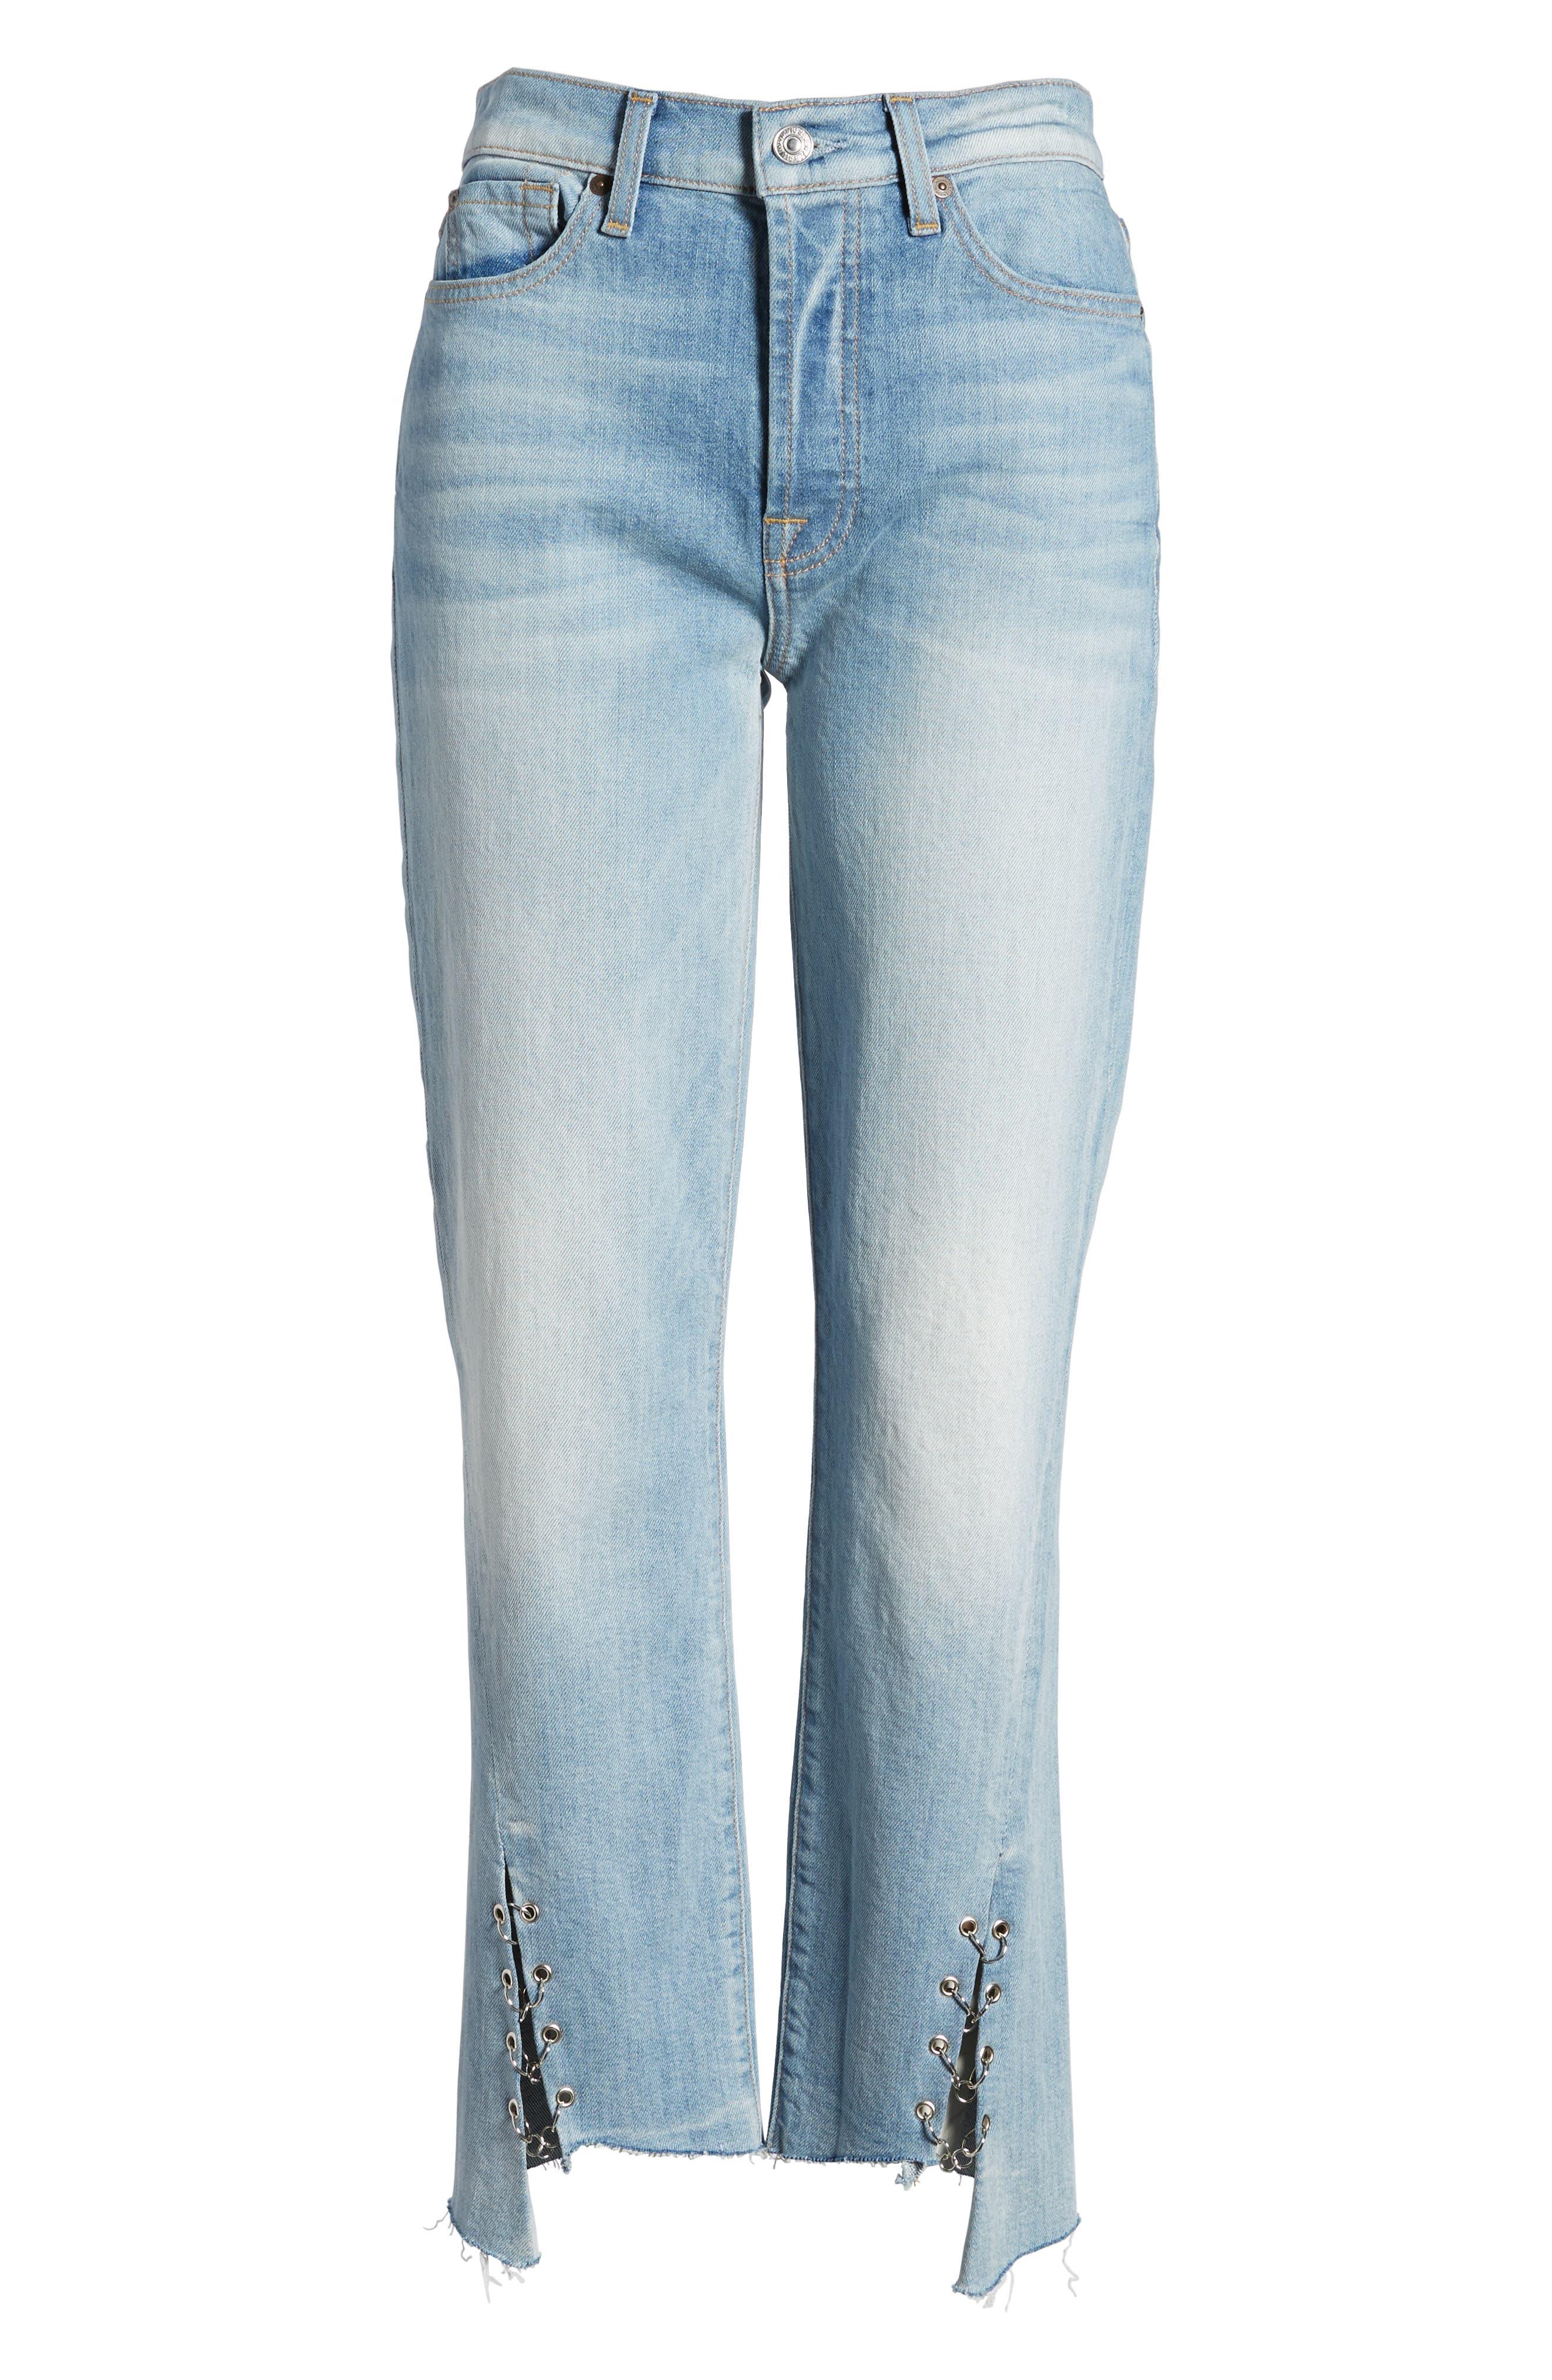 Edie Grommet & Rings Seam Crop Jeans,                             Alternate thumbnail 7, color,                             400